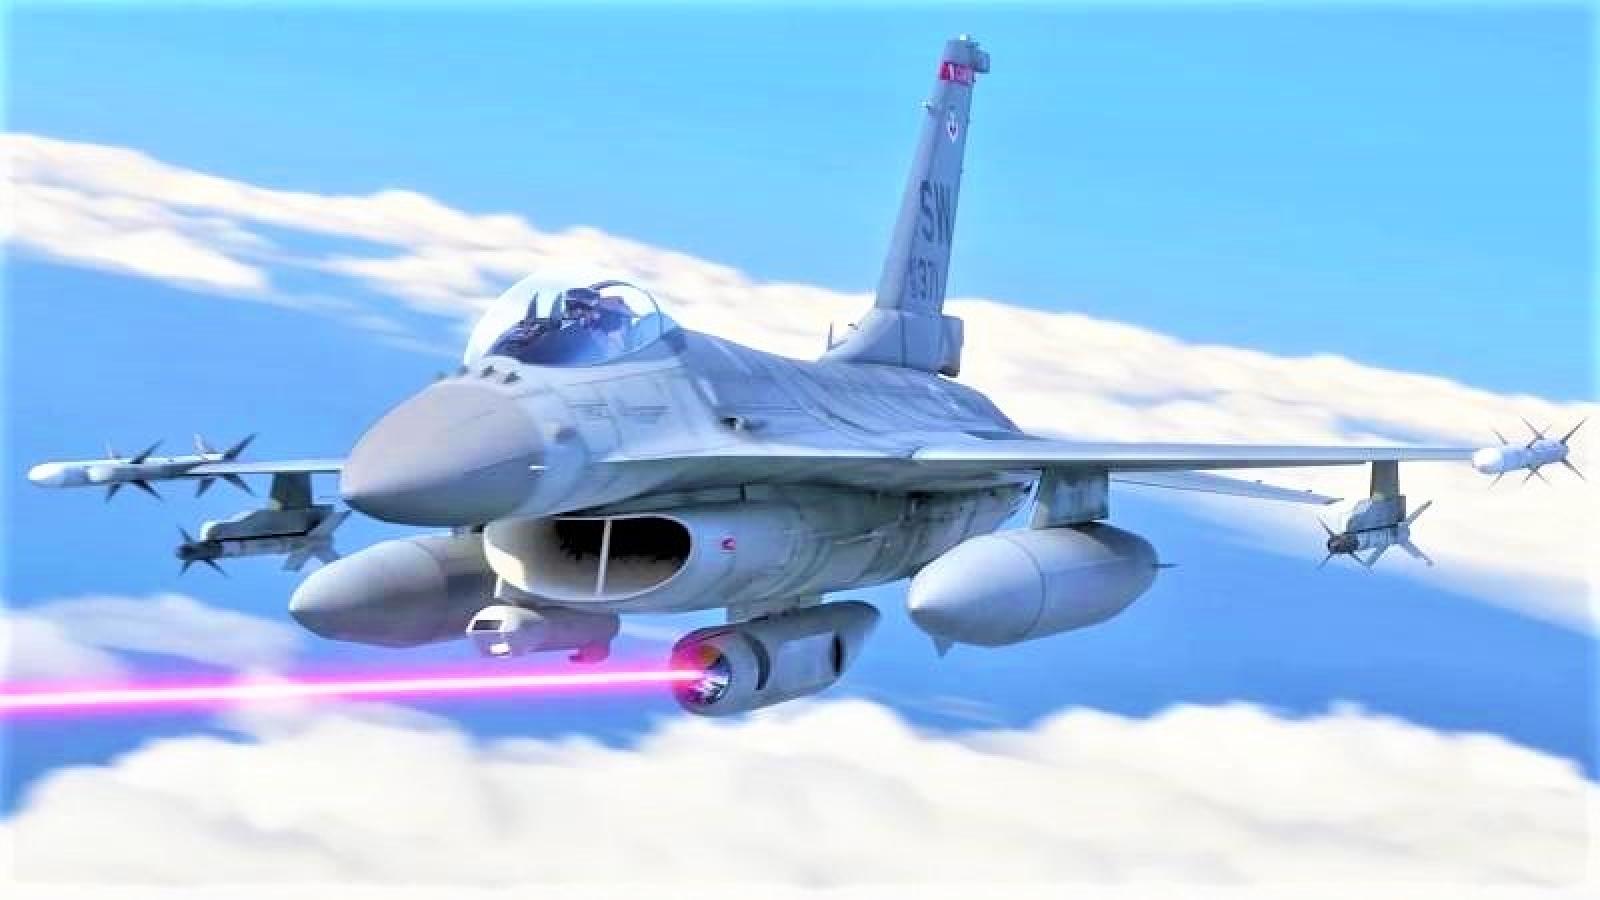 Triển vọng phát triển của các hệ thống laser Không quân Mỹ